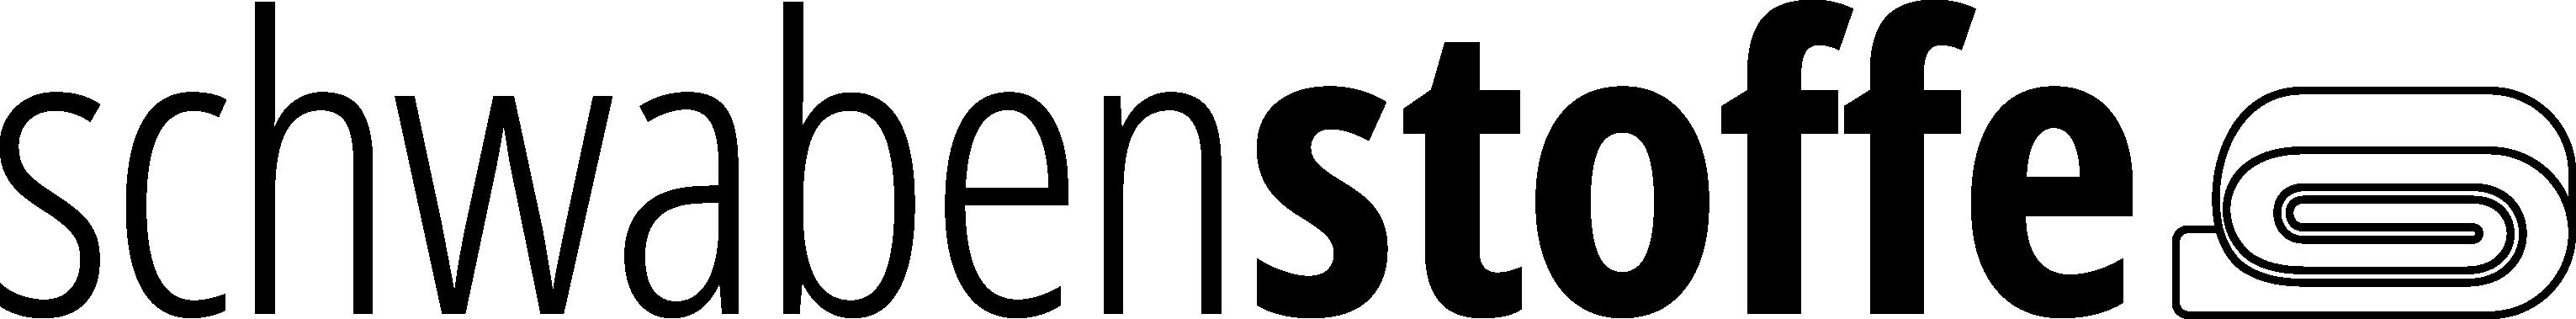 Schwabenstoffe